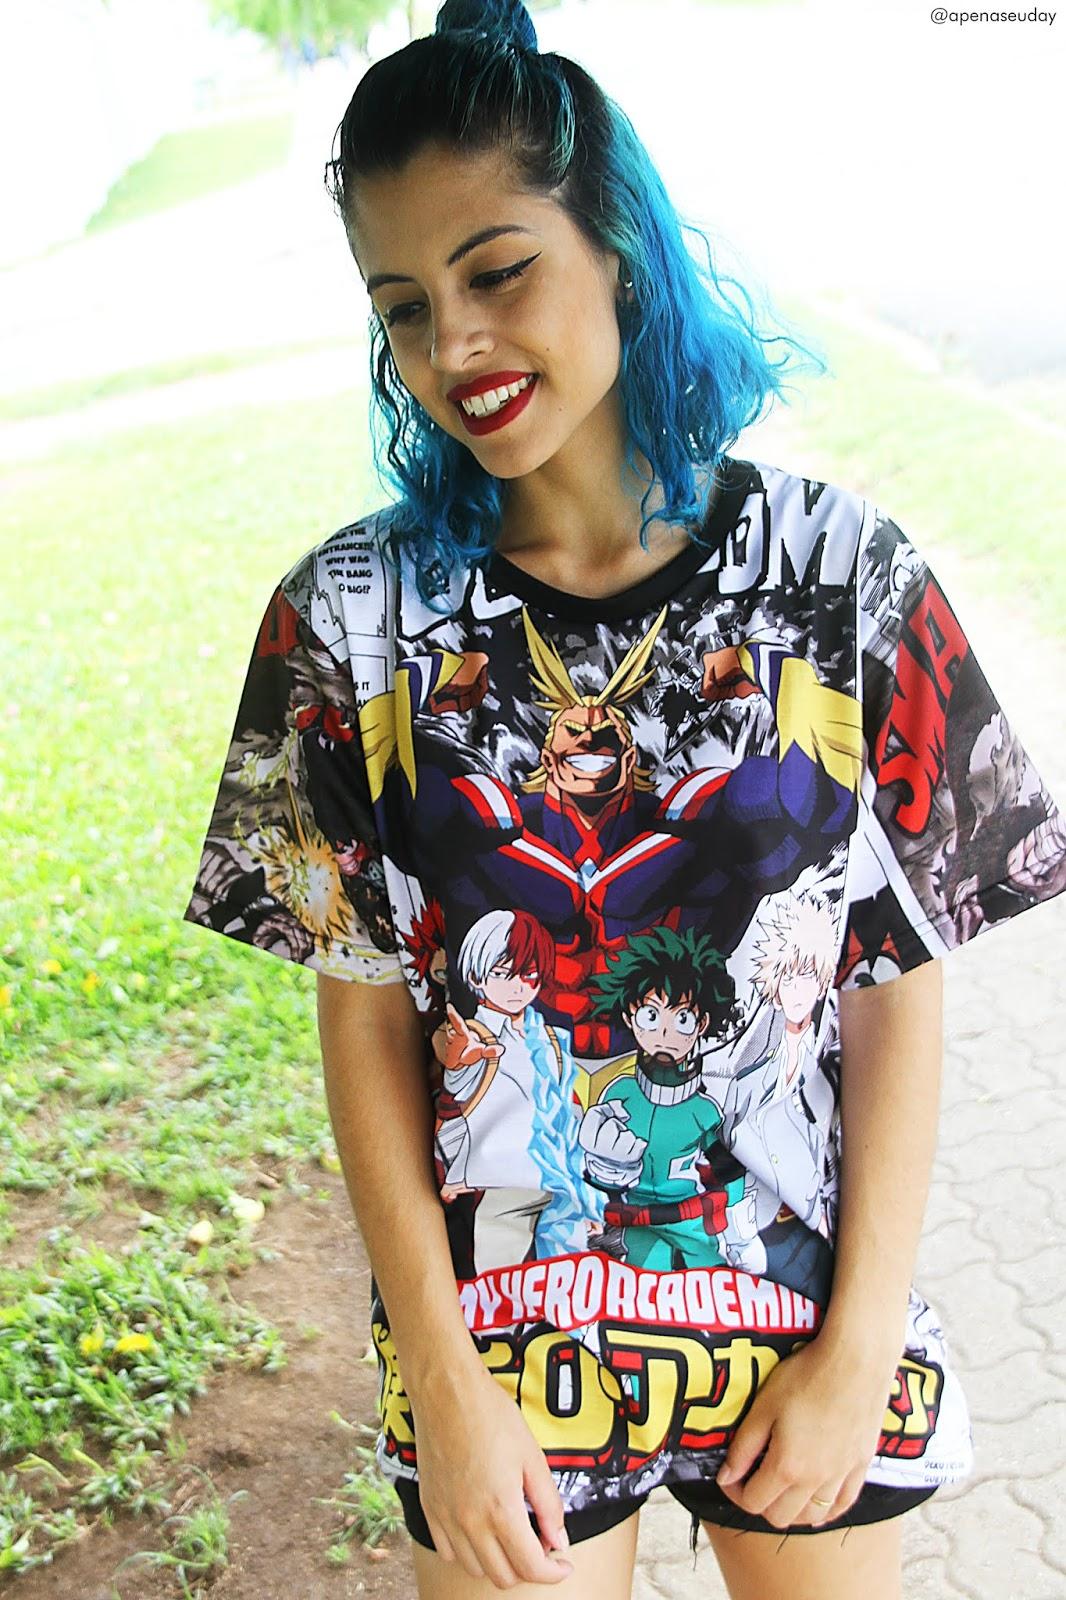 Camisa Full Boku no Hero Academia da loja Busca Animes, estampa em toda camisa feita em sublimação com cores vivas em tecido de poliéster. Saiba mais agora!